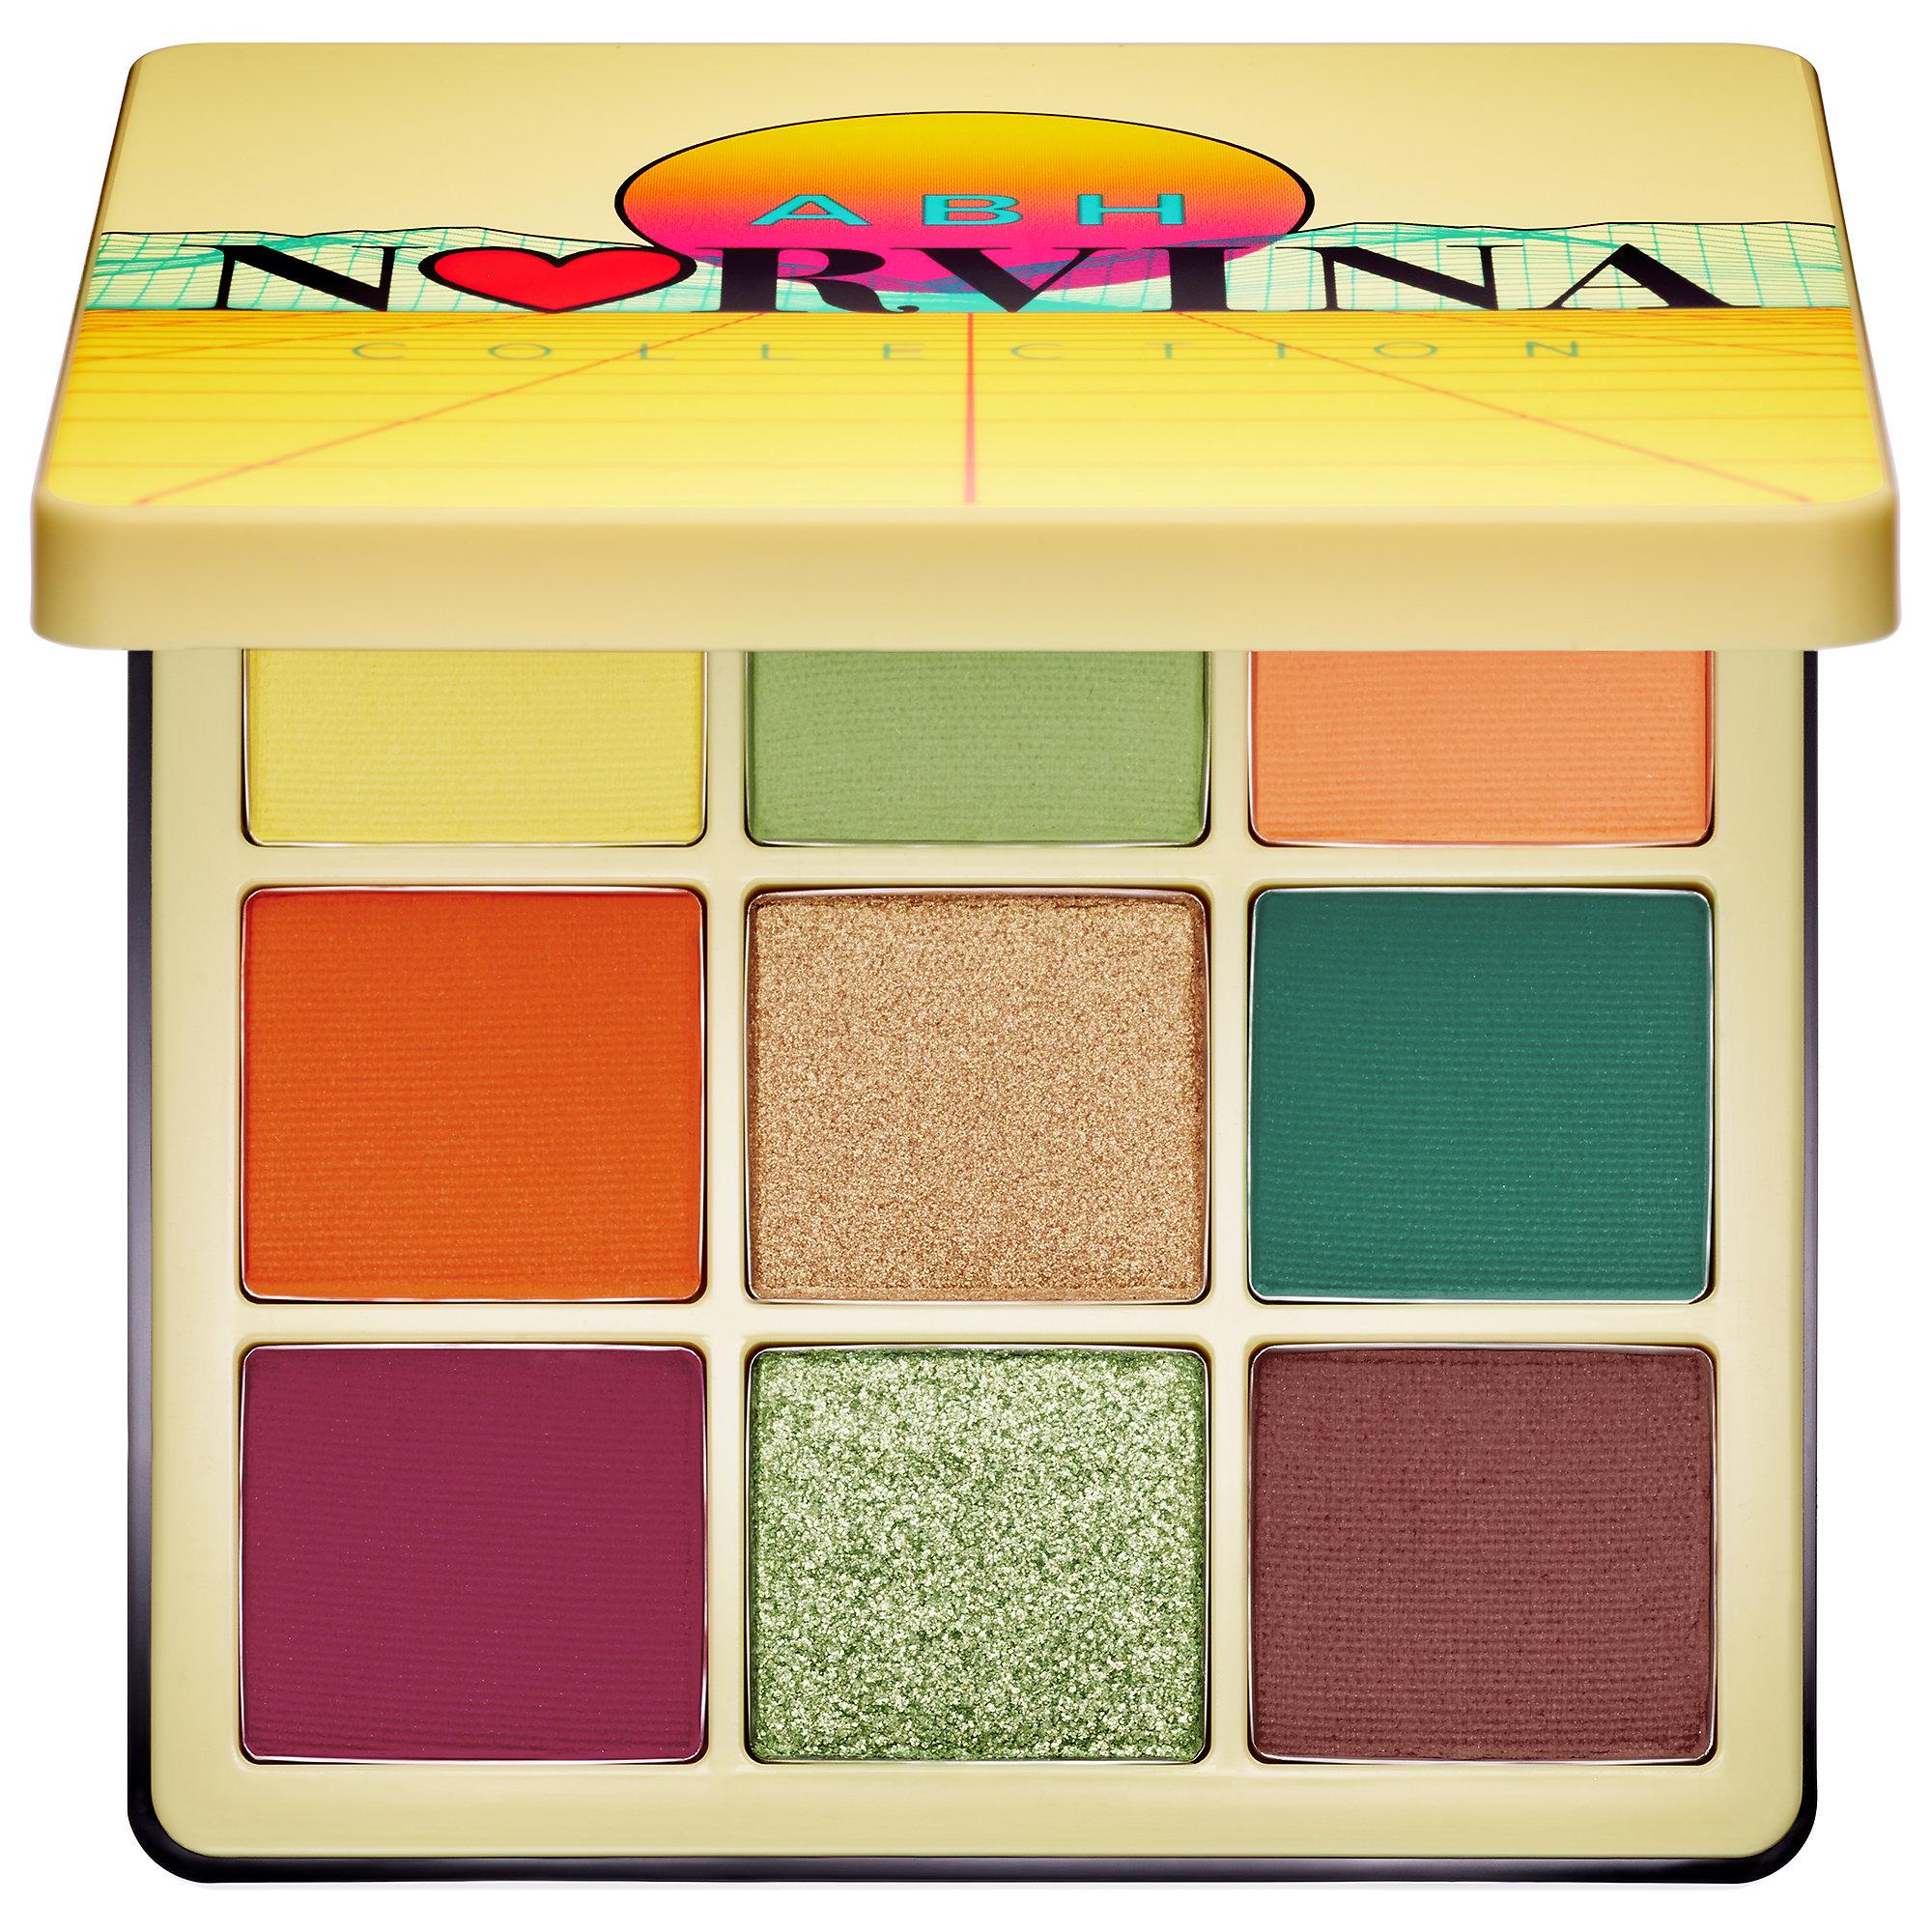 Anastasia Beverly Hills - Norvina® Mini Pro Pigment Palette Vol. 2